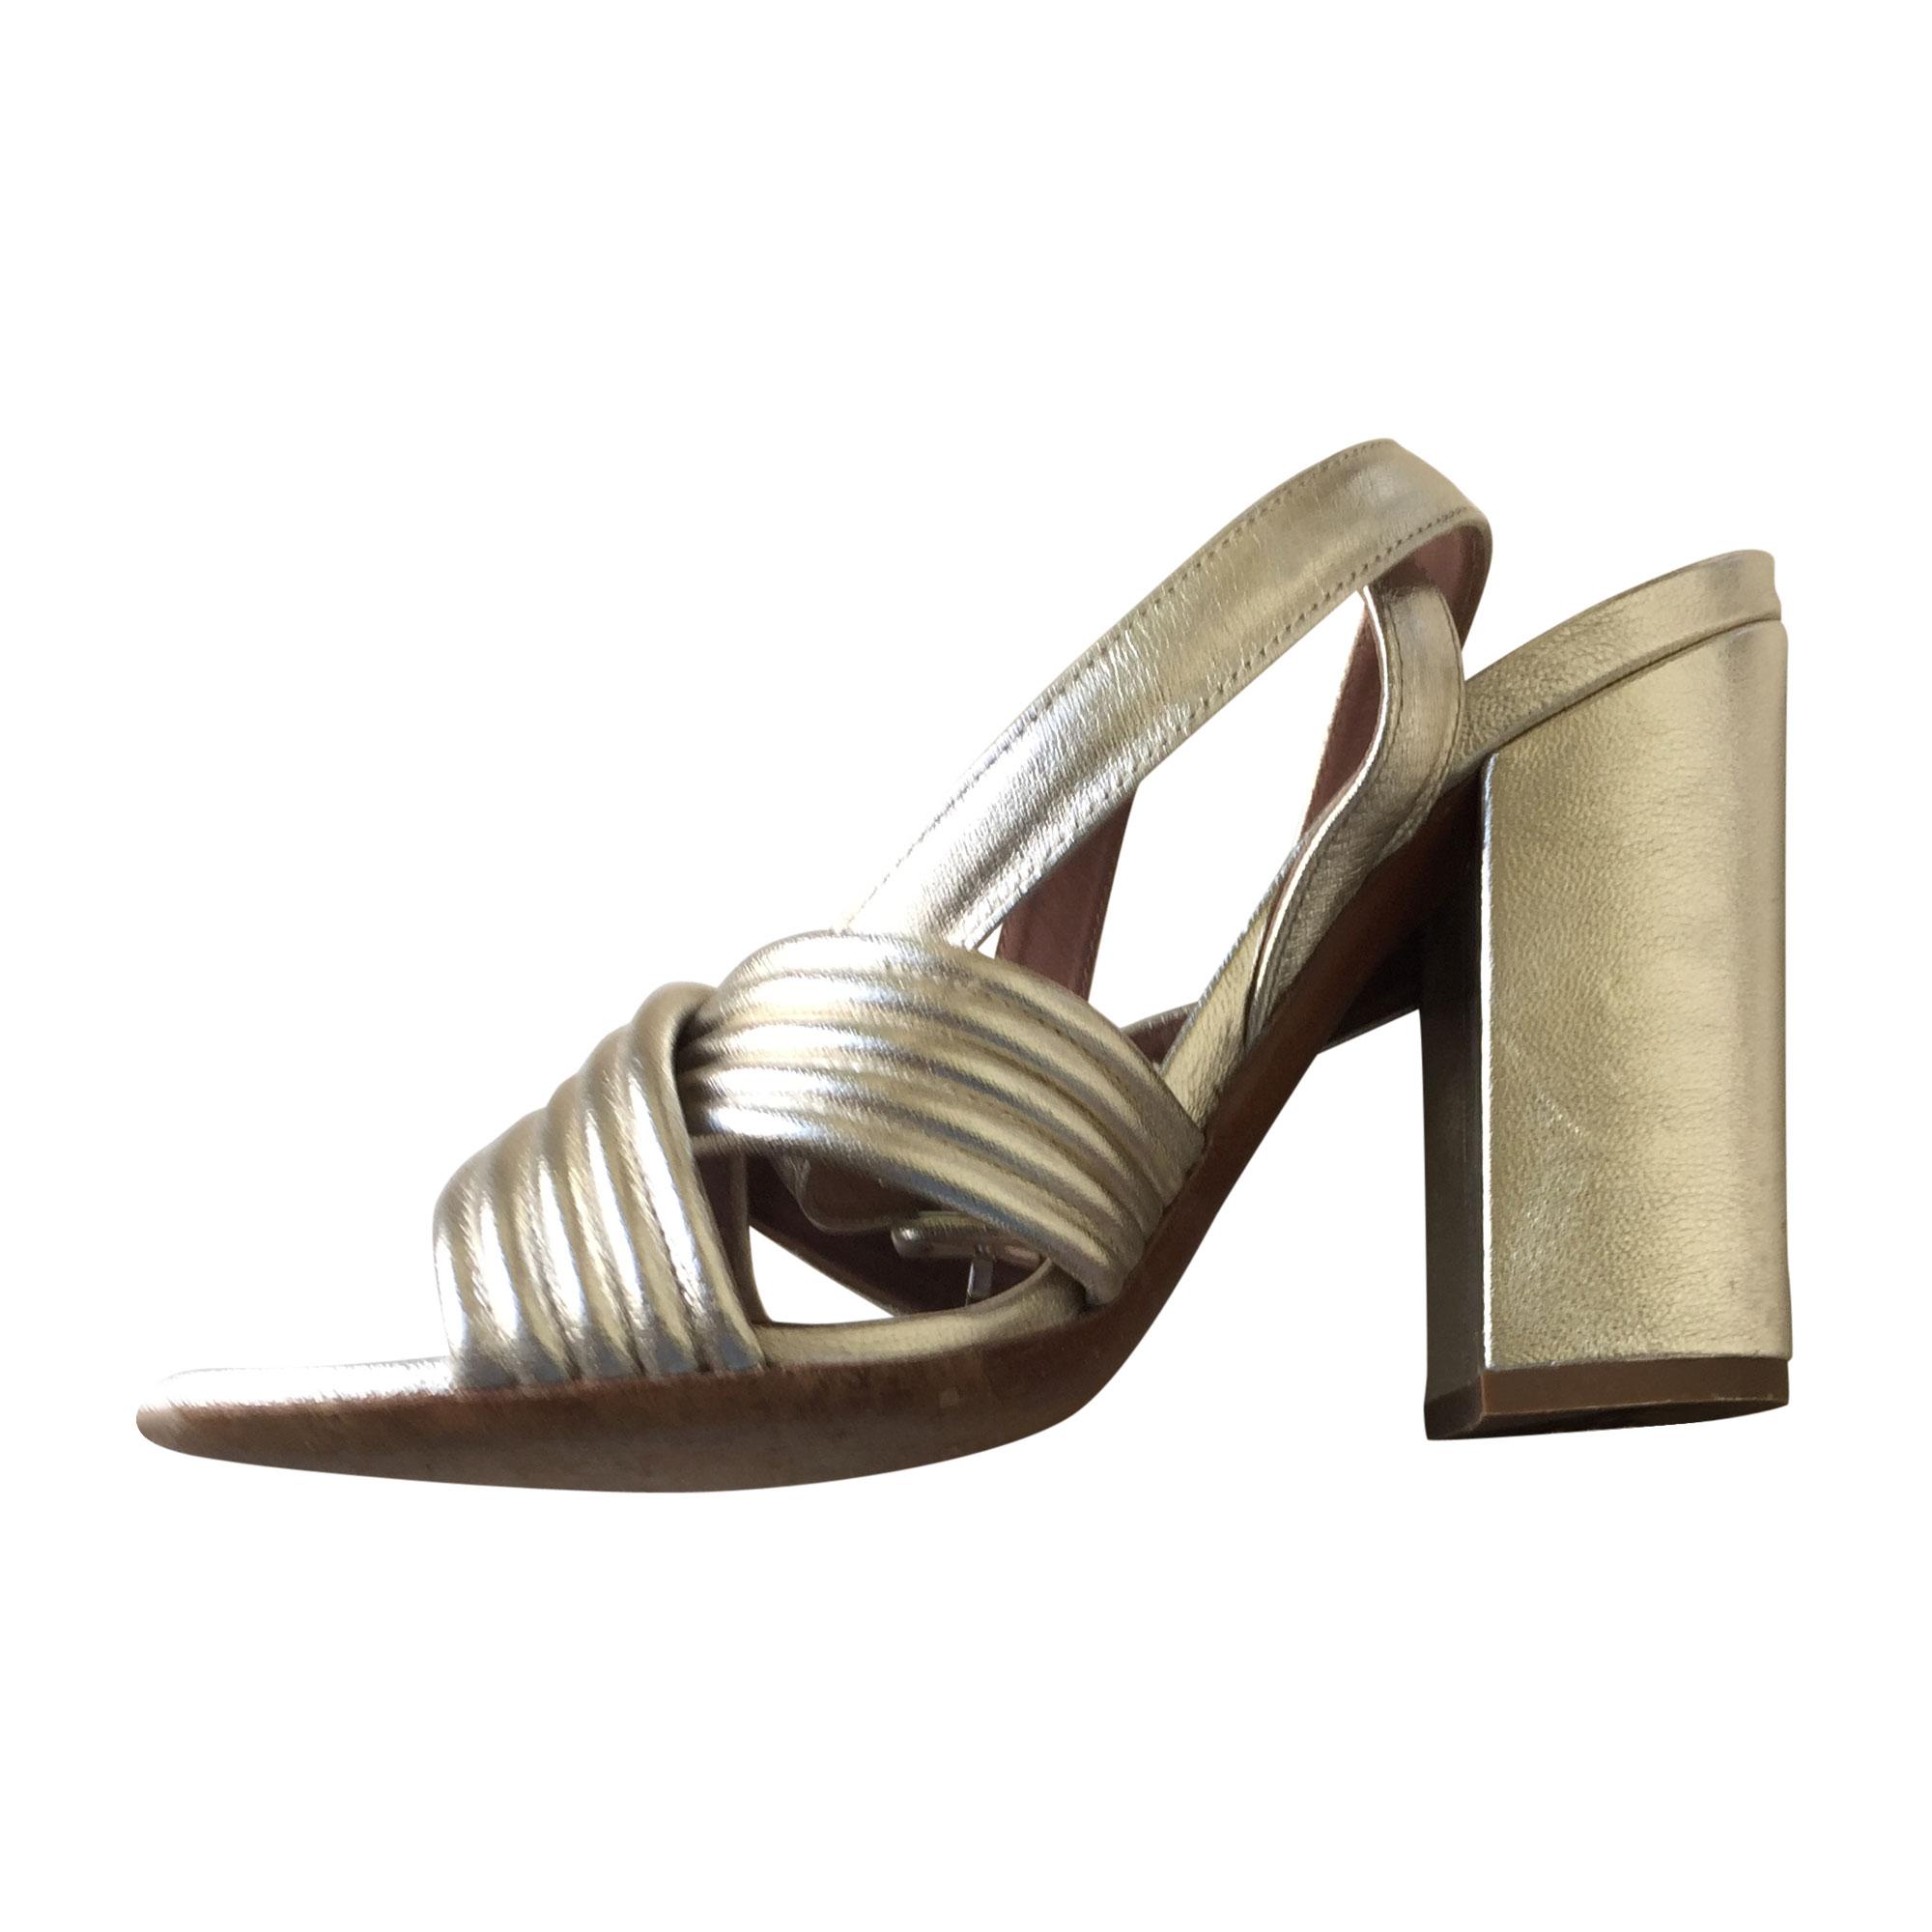 Sandales à talons TABITHA SIMMONS Doré, bronze, cuivre